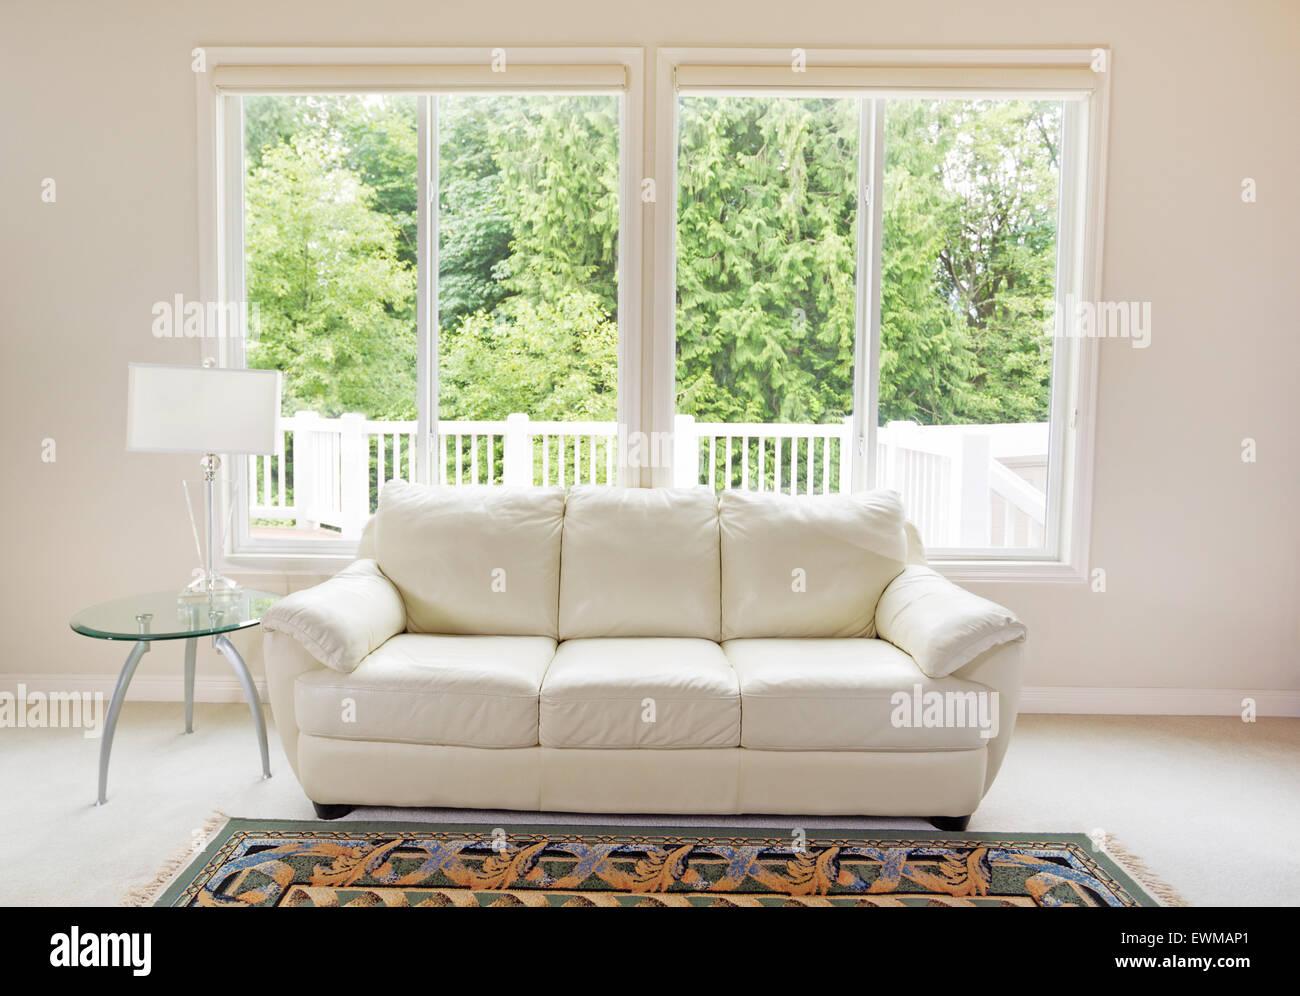 Pulire Divano In Pelle pulire la camera familiare con il bianco di divano in pelle